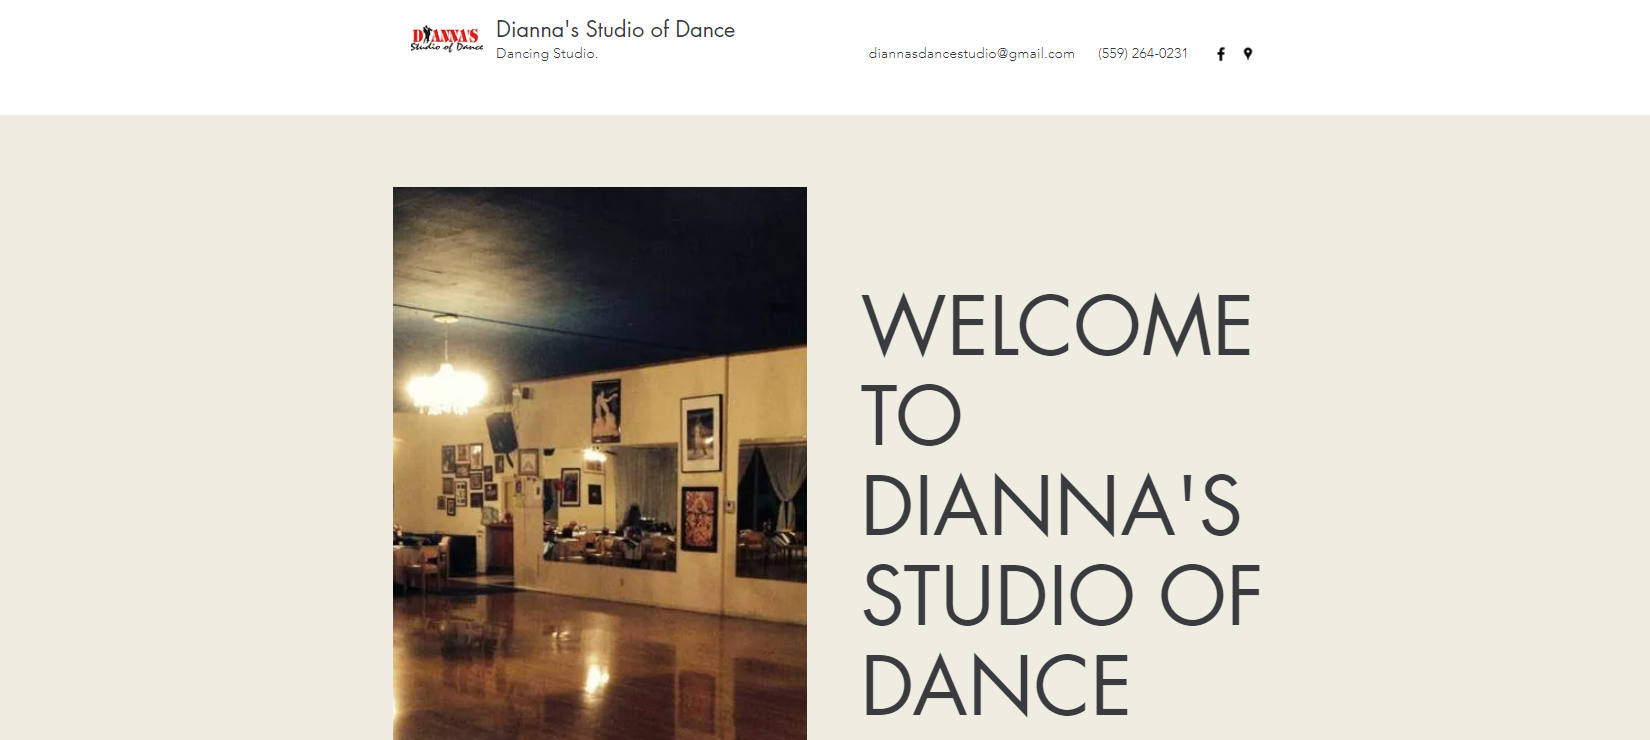 Dianna's Studio Of Dance